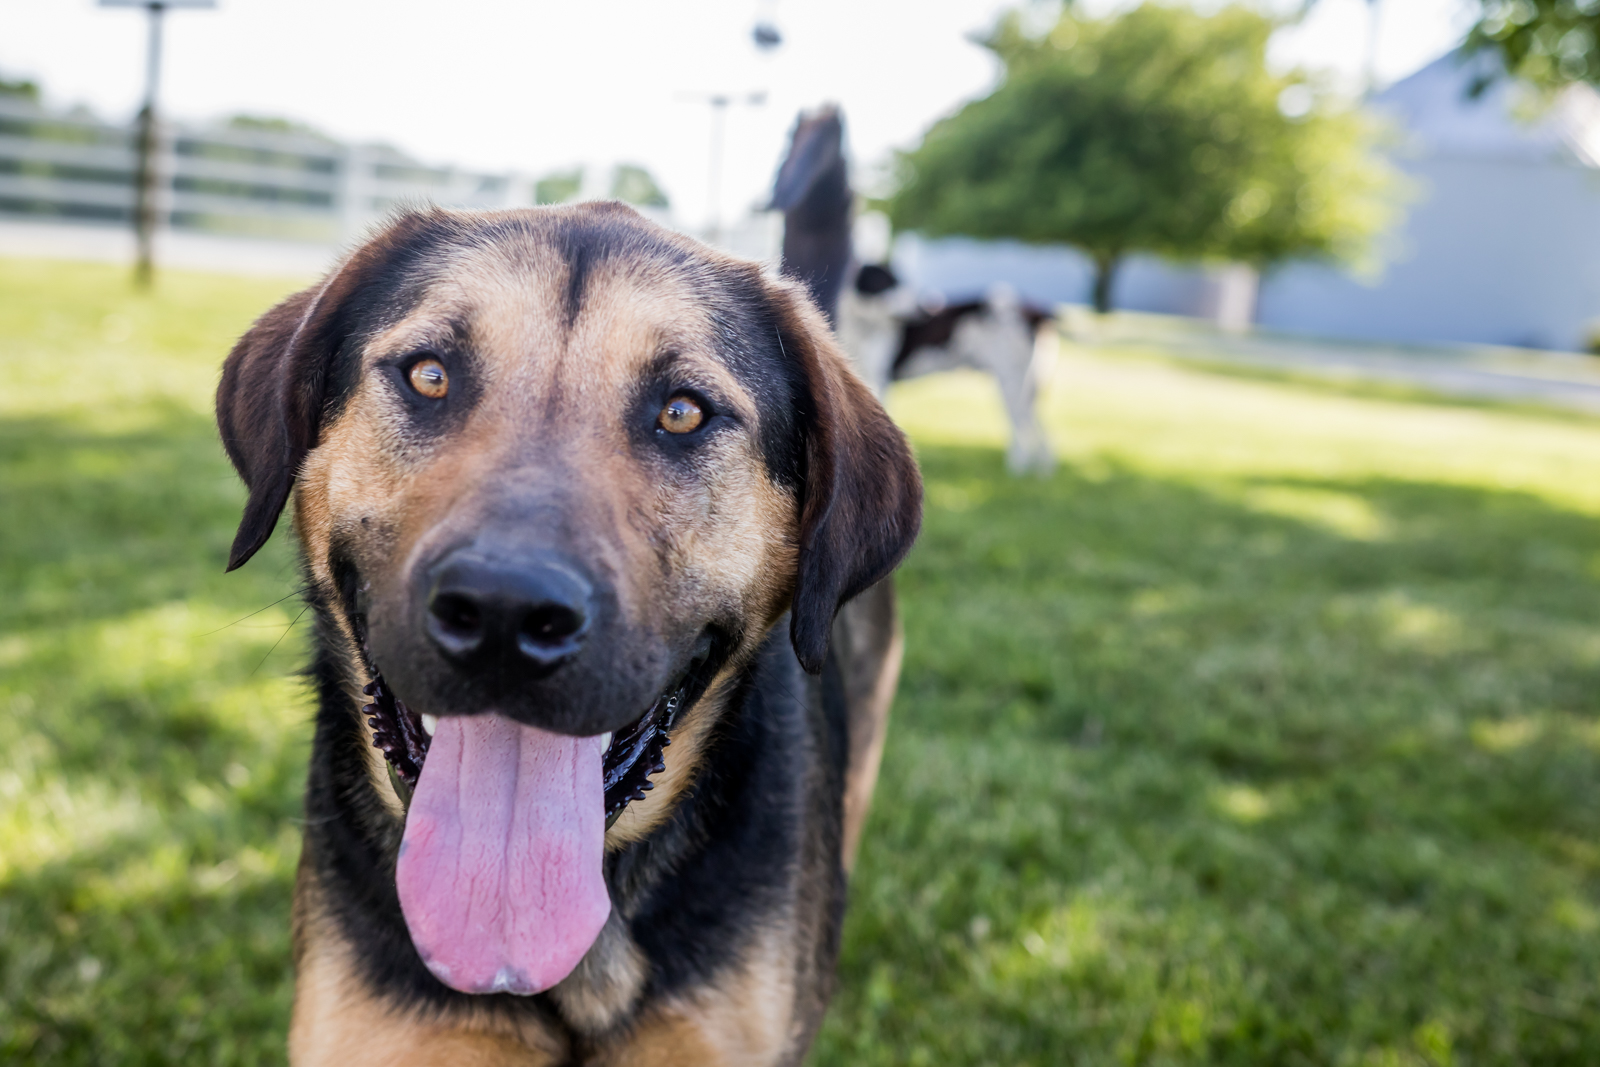 Indiana Pet Photographer - A